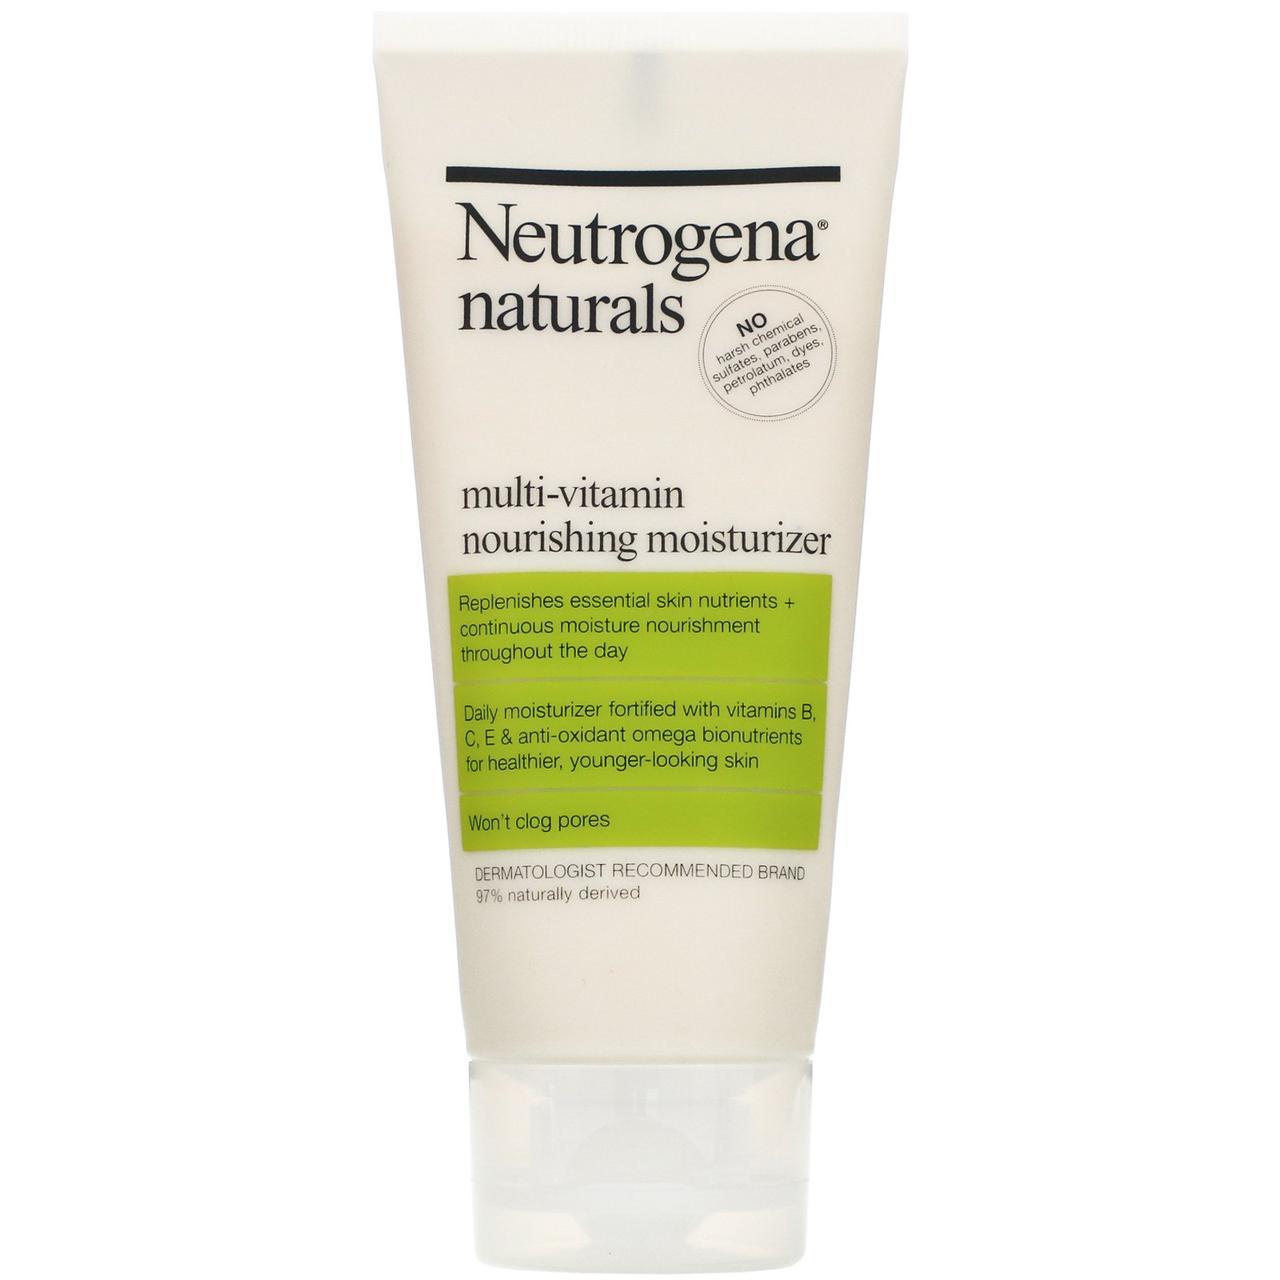 Neutrogena, Мультивитаминное питательное увлажняющее средство, 3 жидкие унции (88 мл)